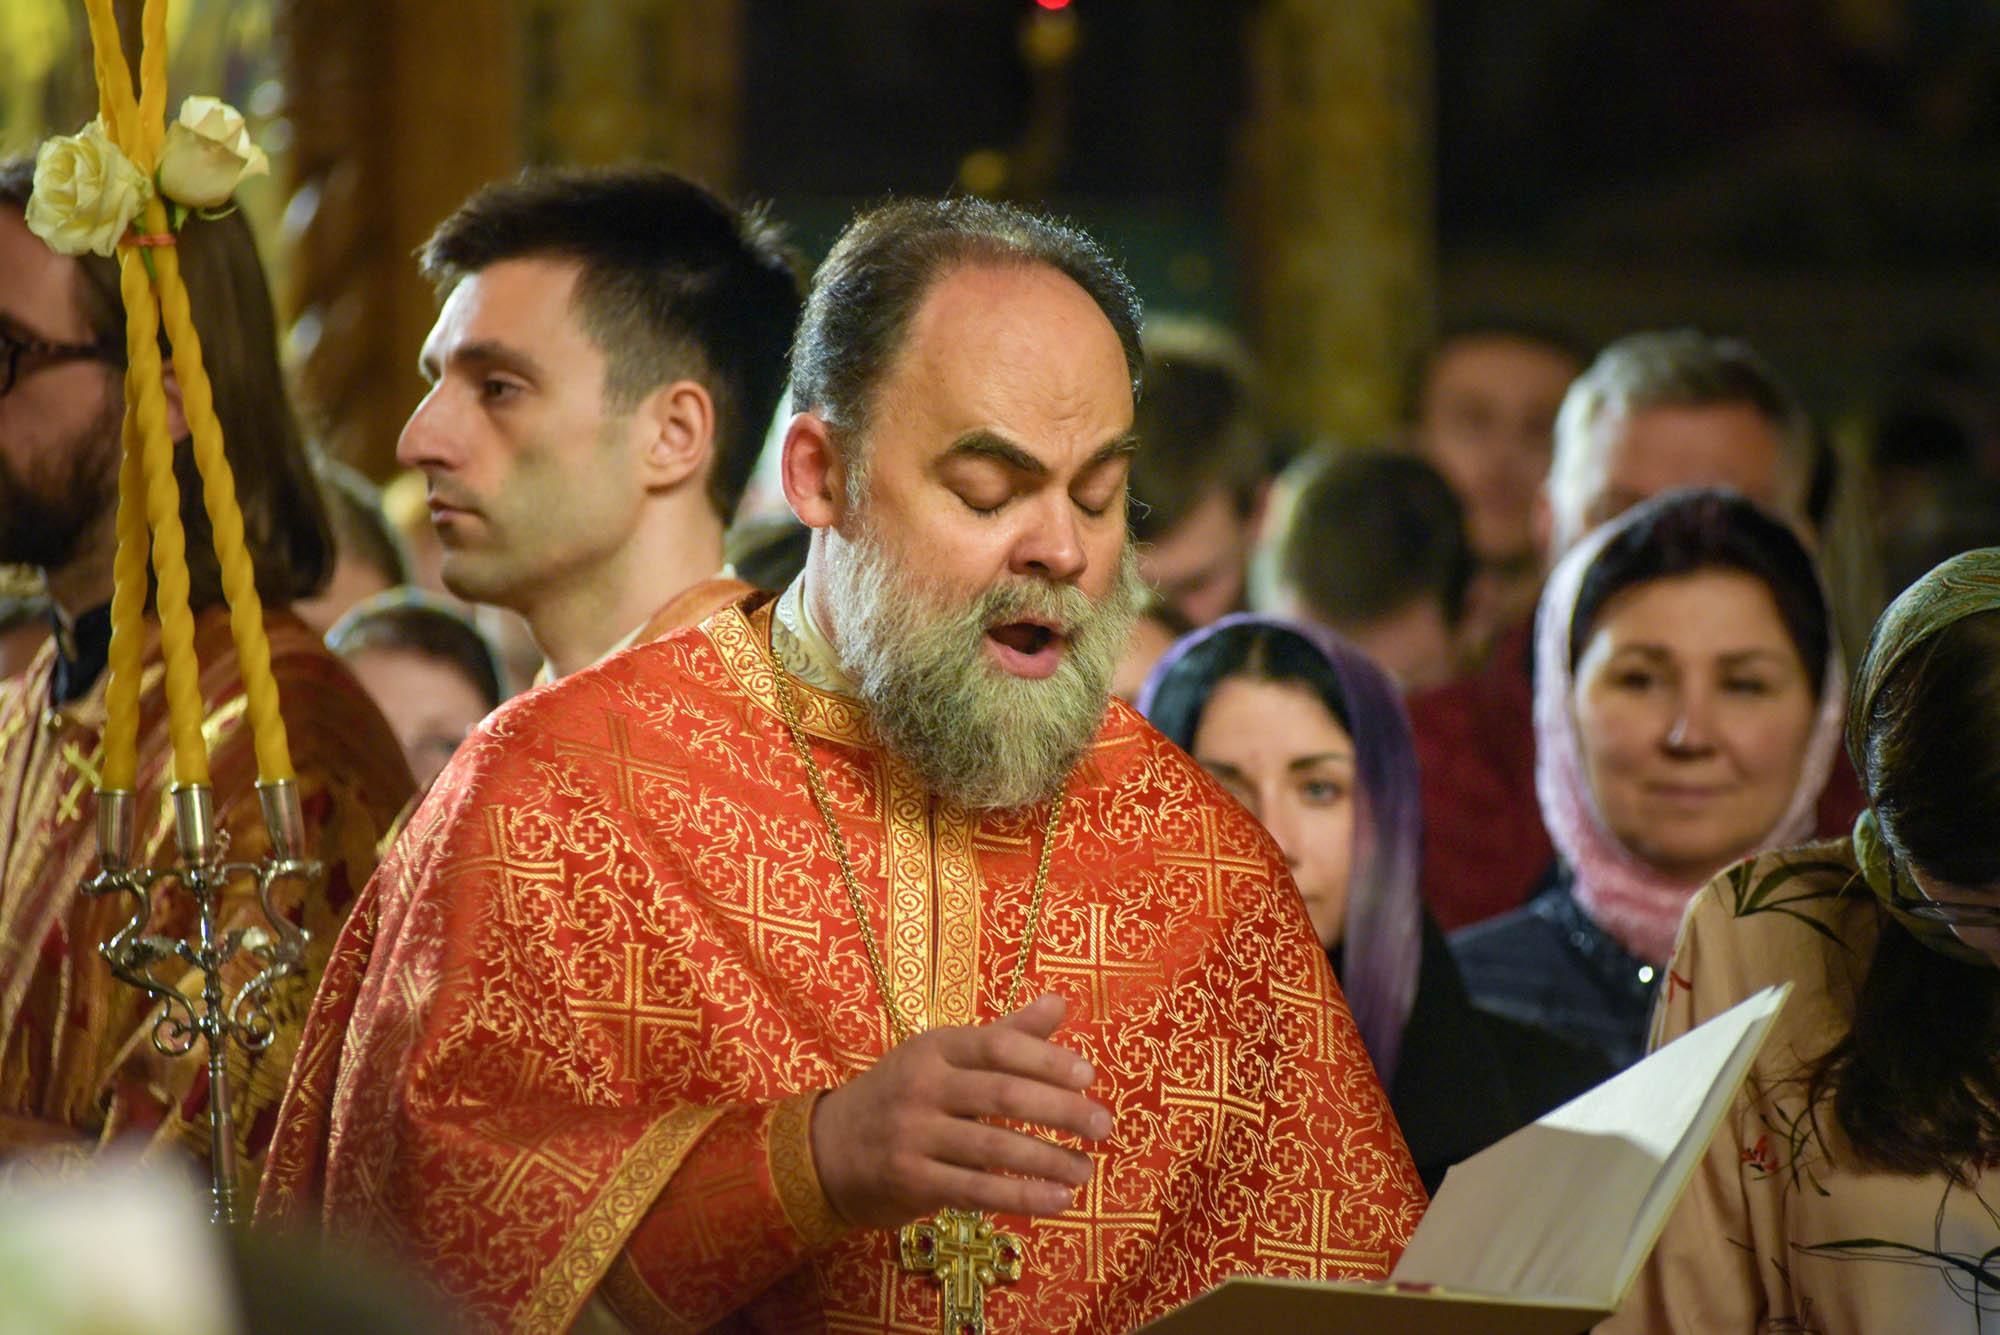 Orthodox photography Sergey Ryzhkov 9512